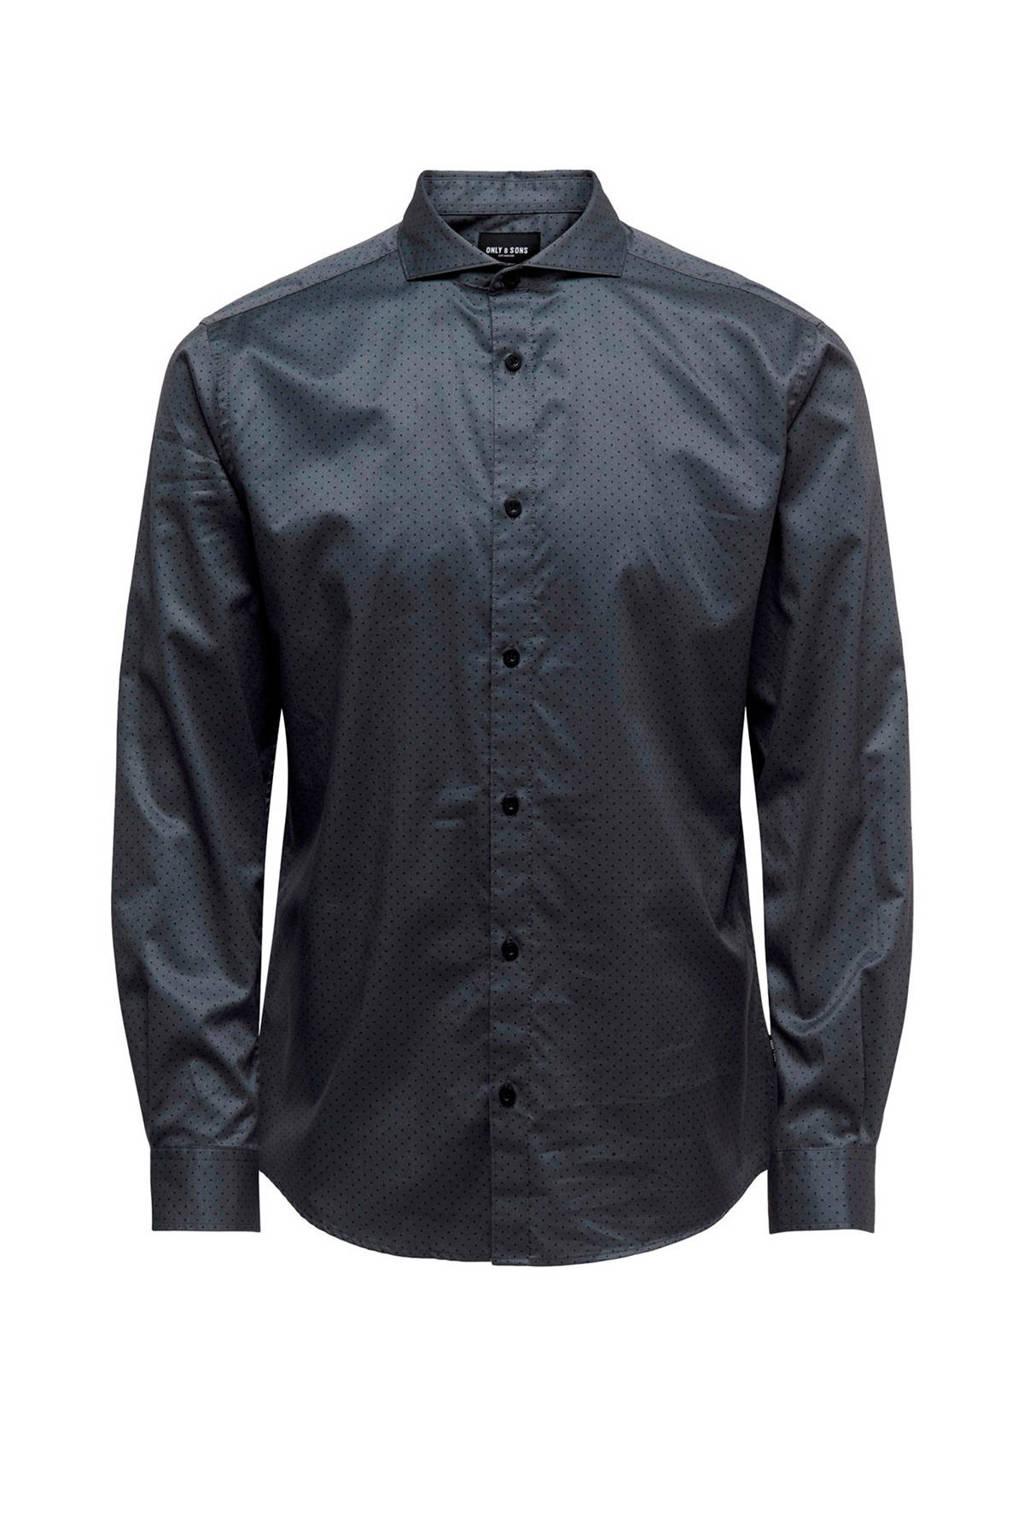 ONLY & SONS regular fit overhemd met all over print antraciet/zwart, Antraciet/zwart